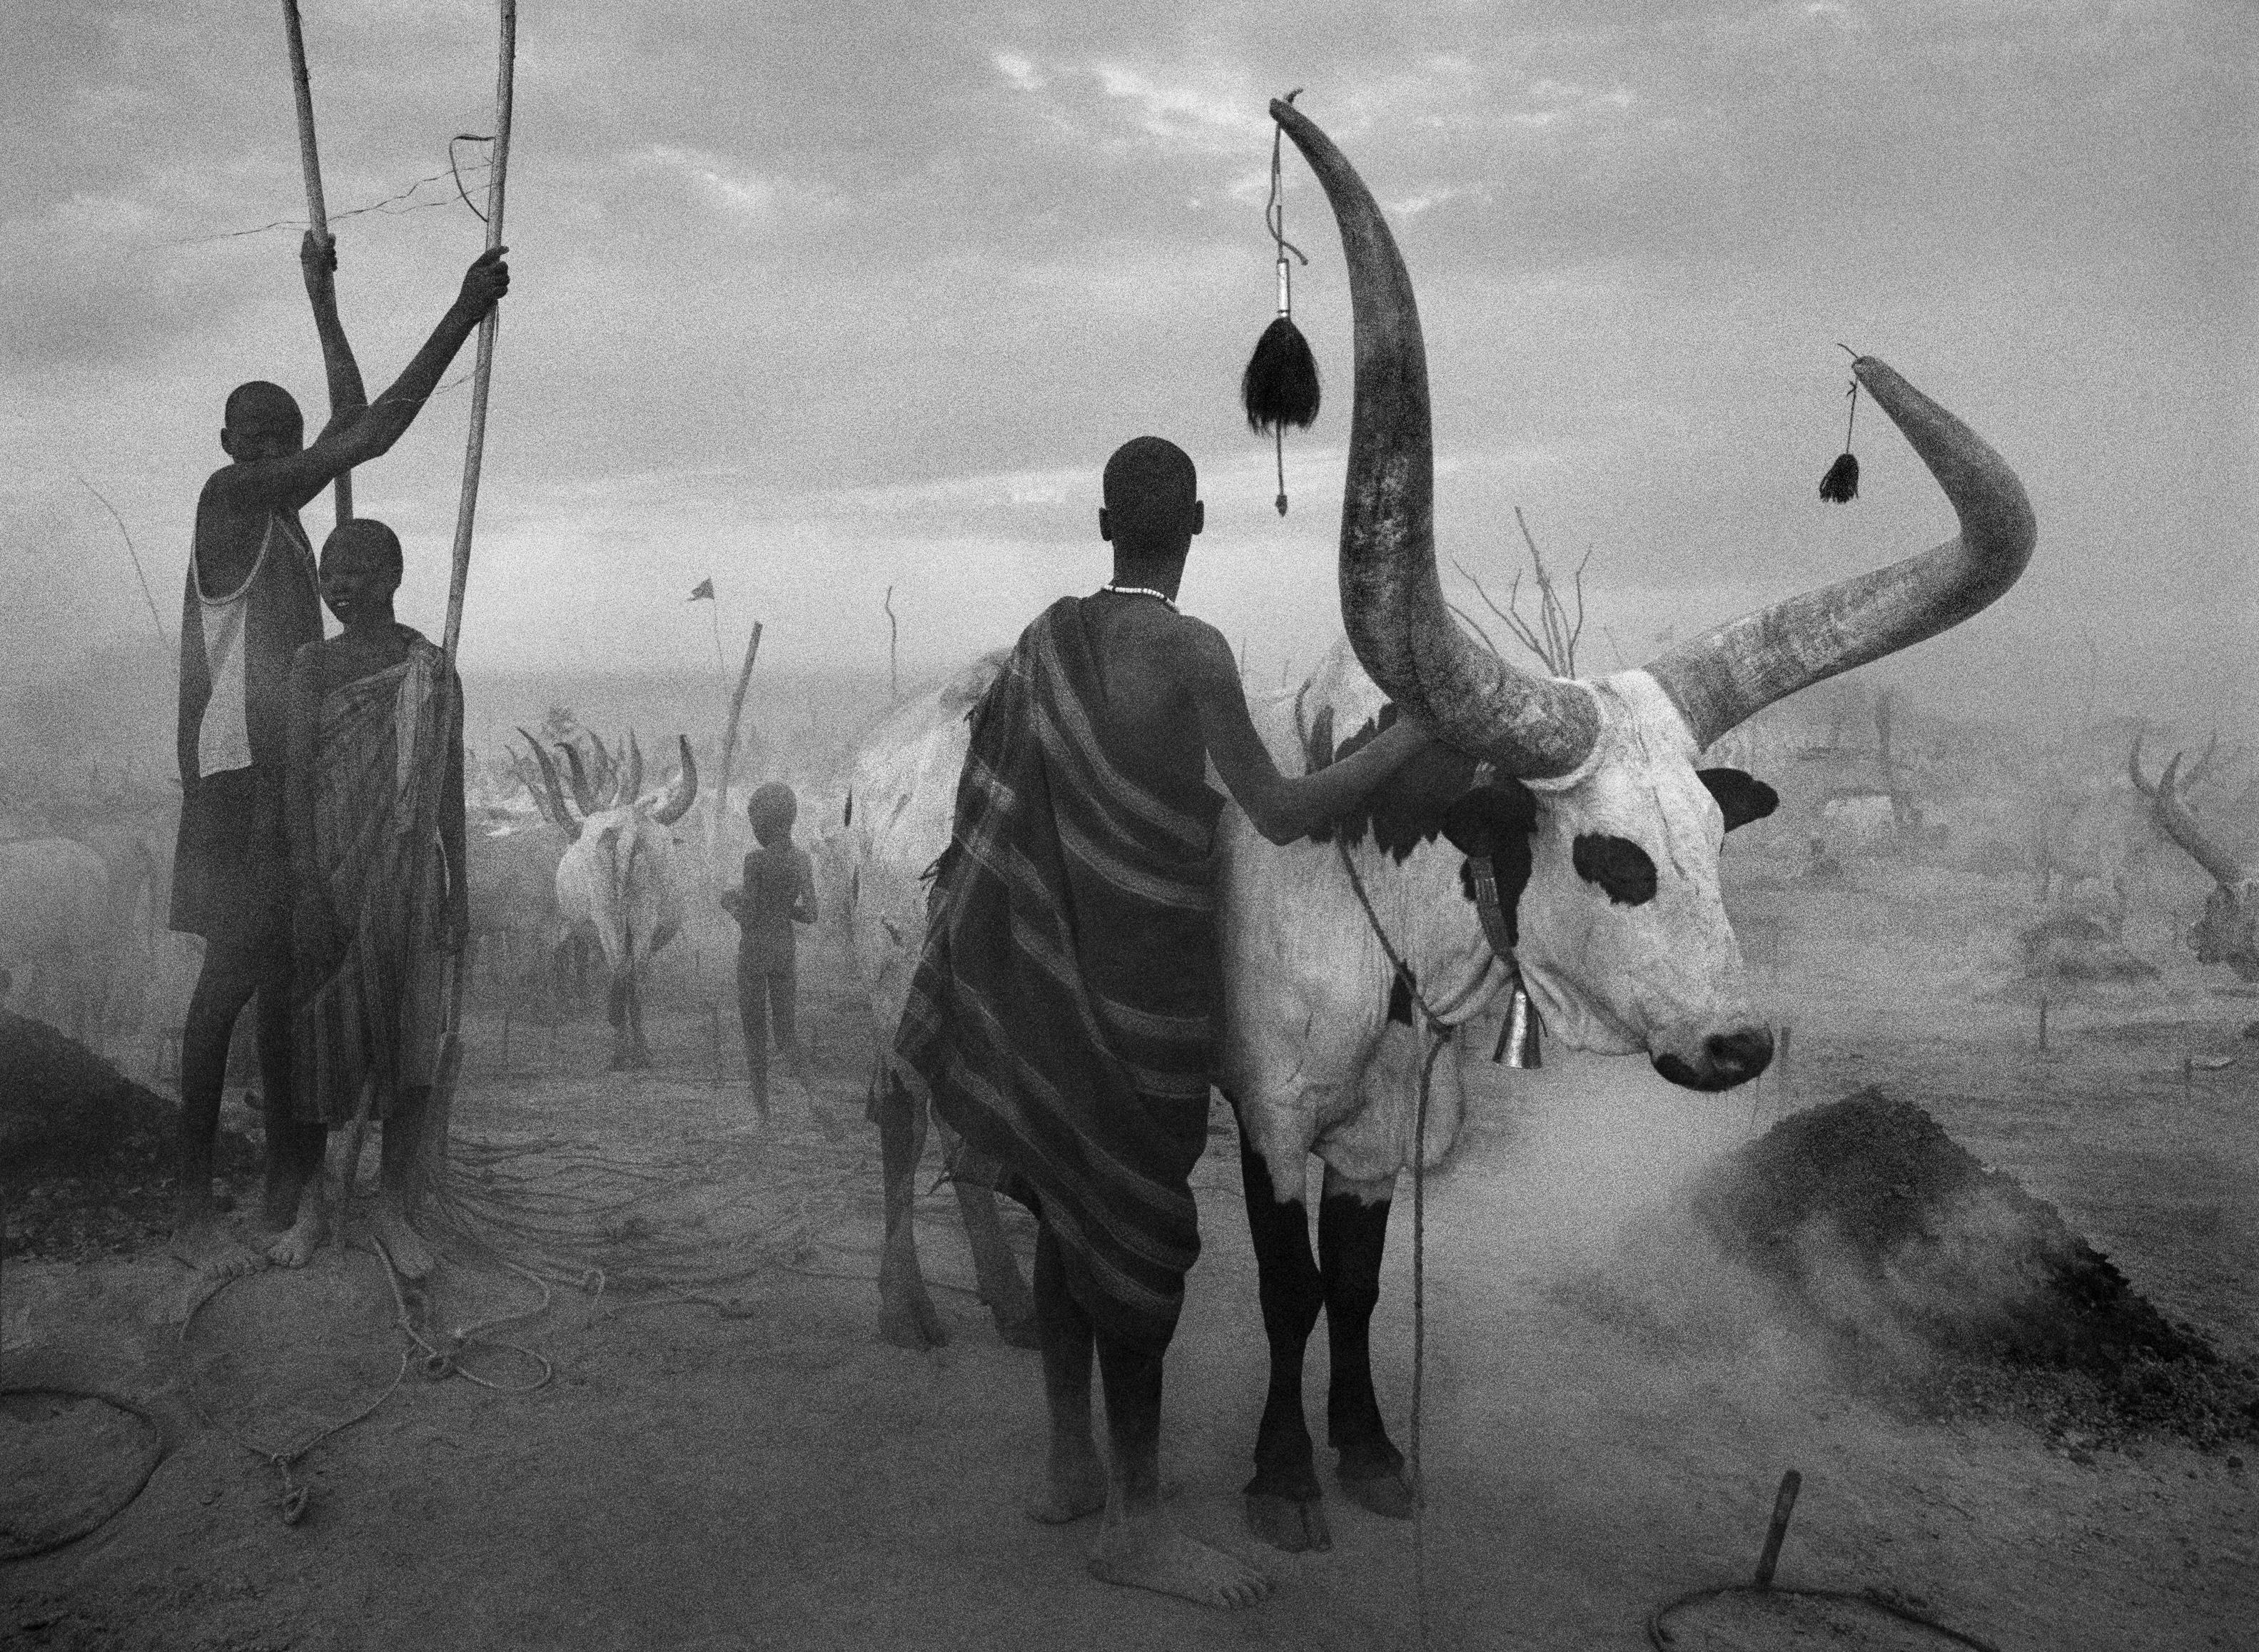 Gruppo Dinka al campo bestiame di Pagarau, Sudan del Sud, 2006 © Sebastião SALGADO